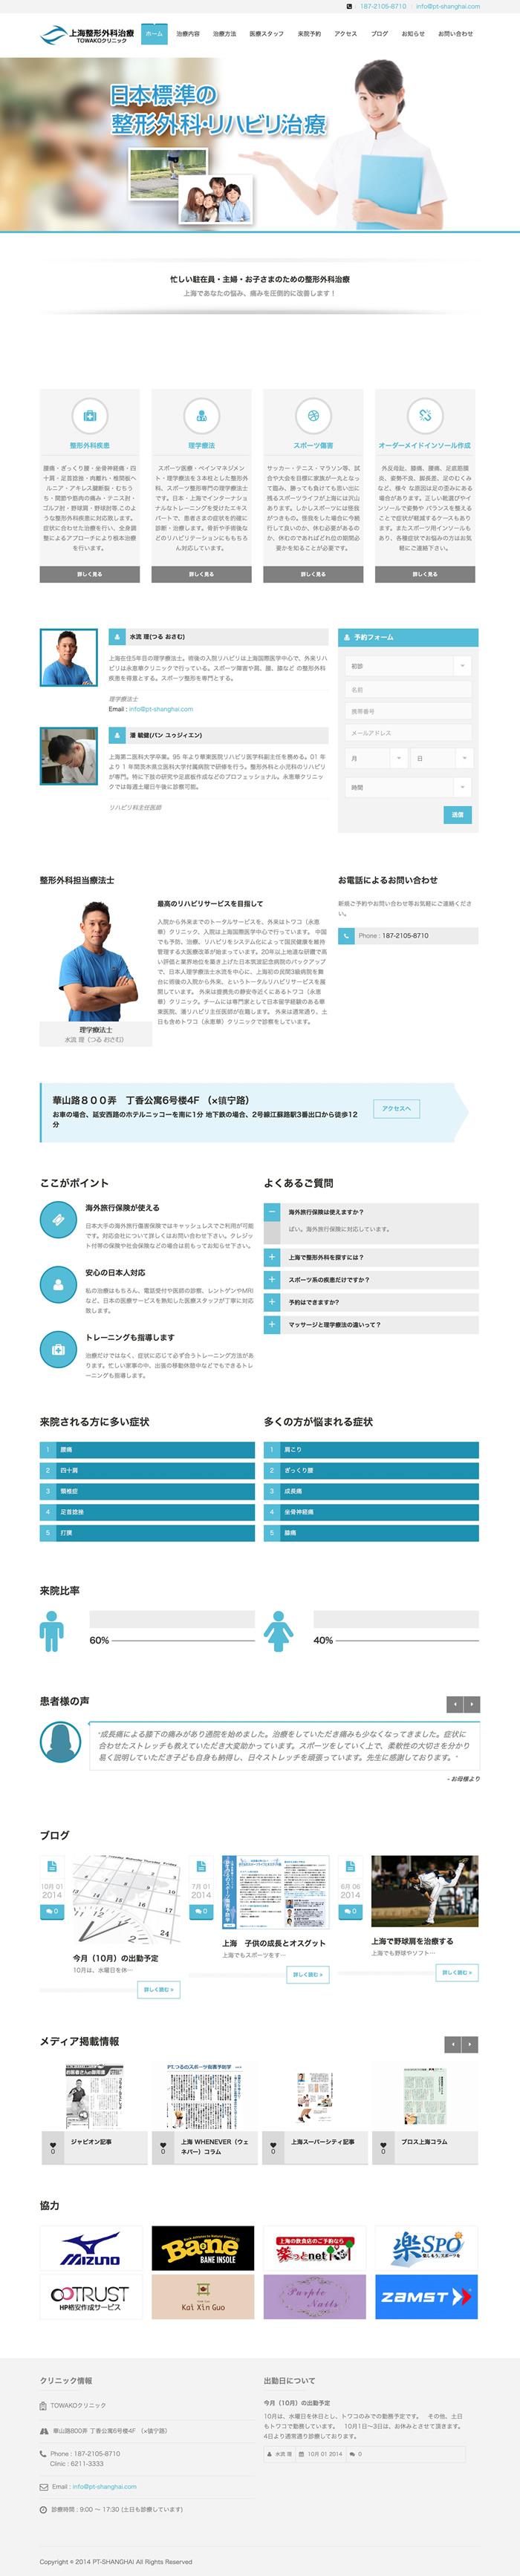 上海整形外科治療-駐在員・主婦・お子さまの日常生活やスポーツに-201410101